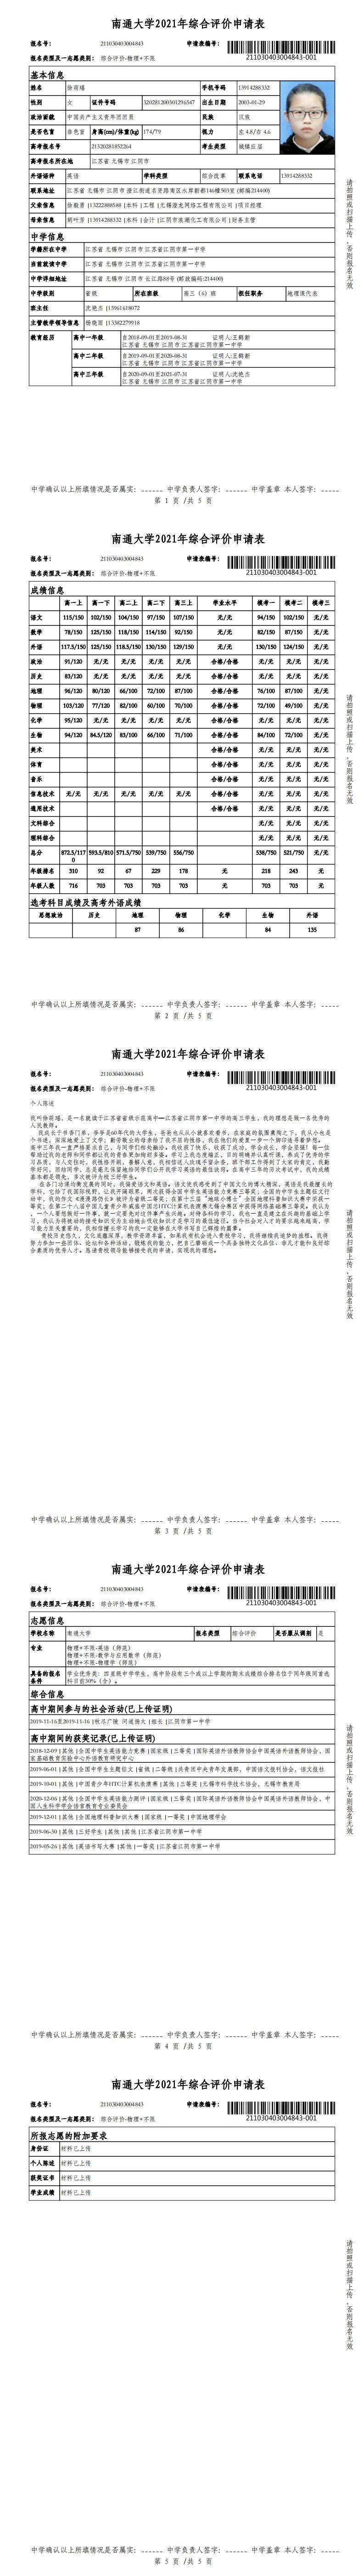 综合评价申请表_0.jpg